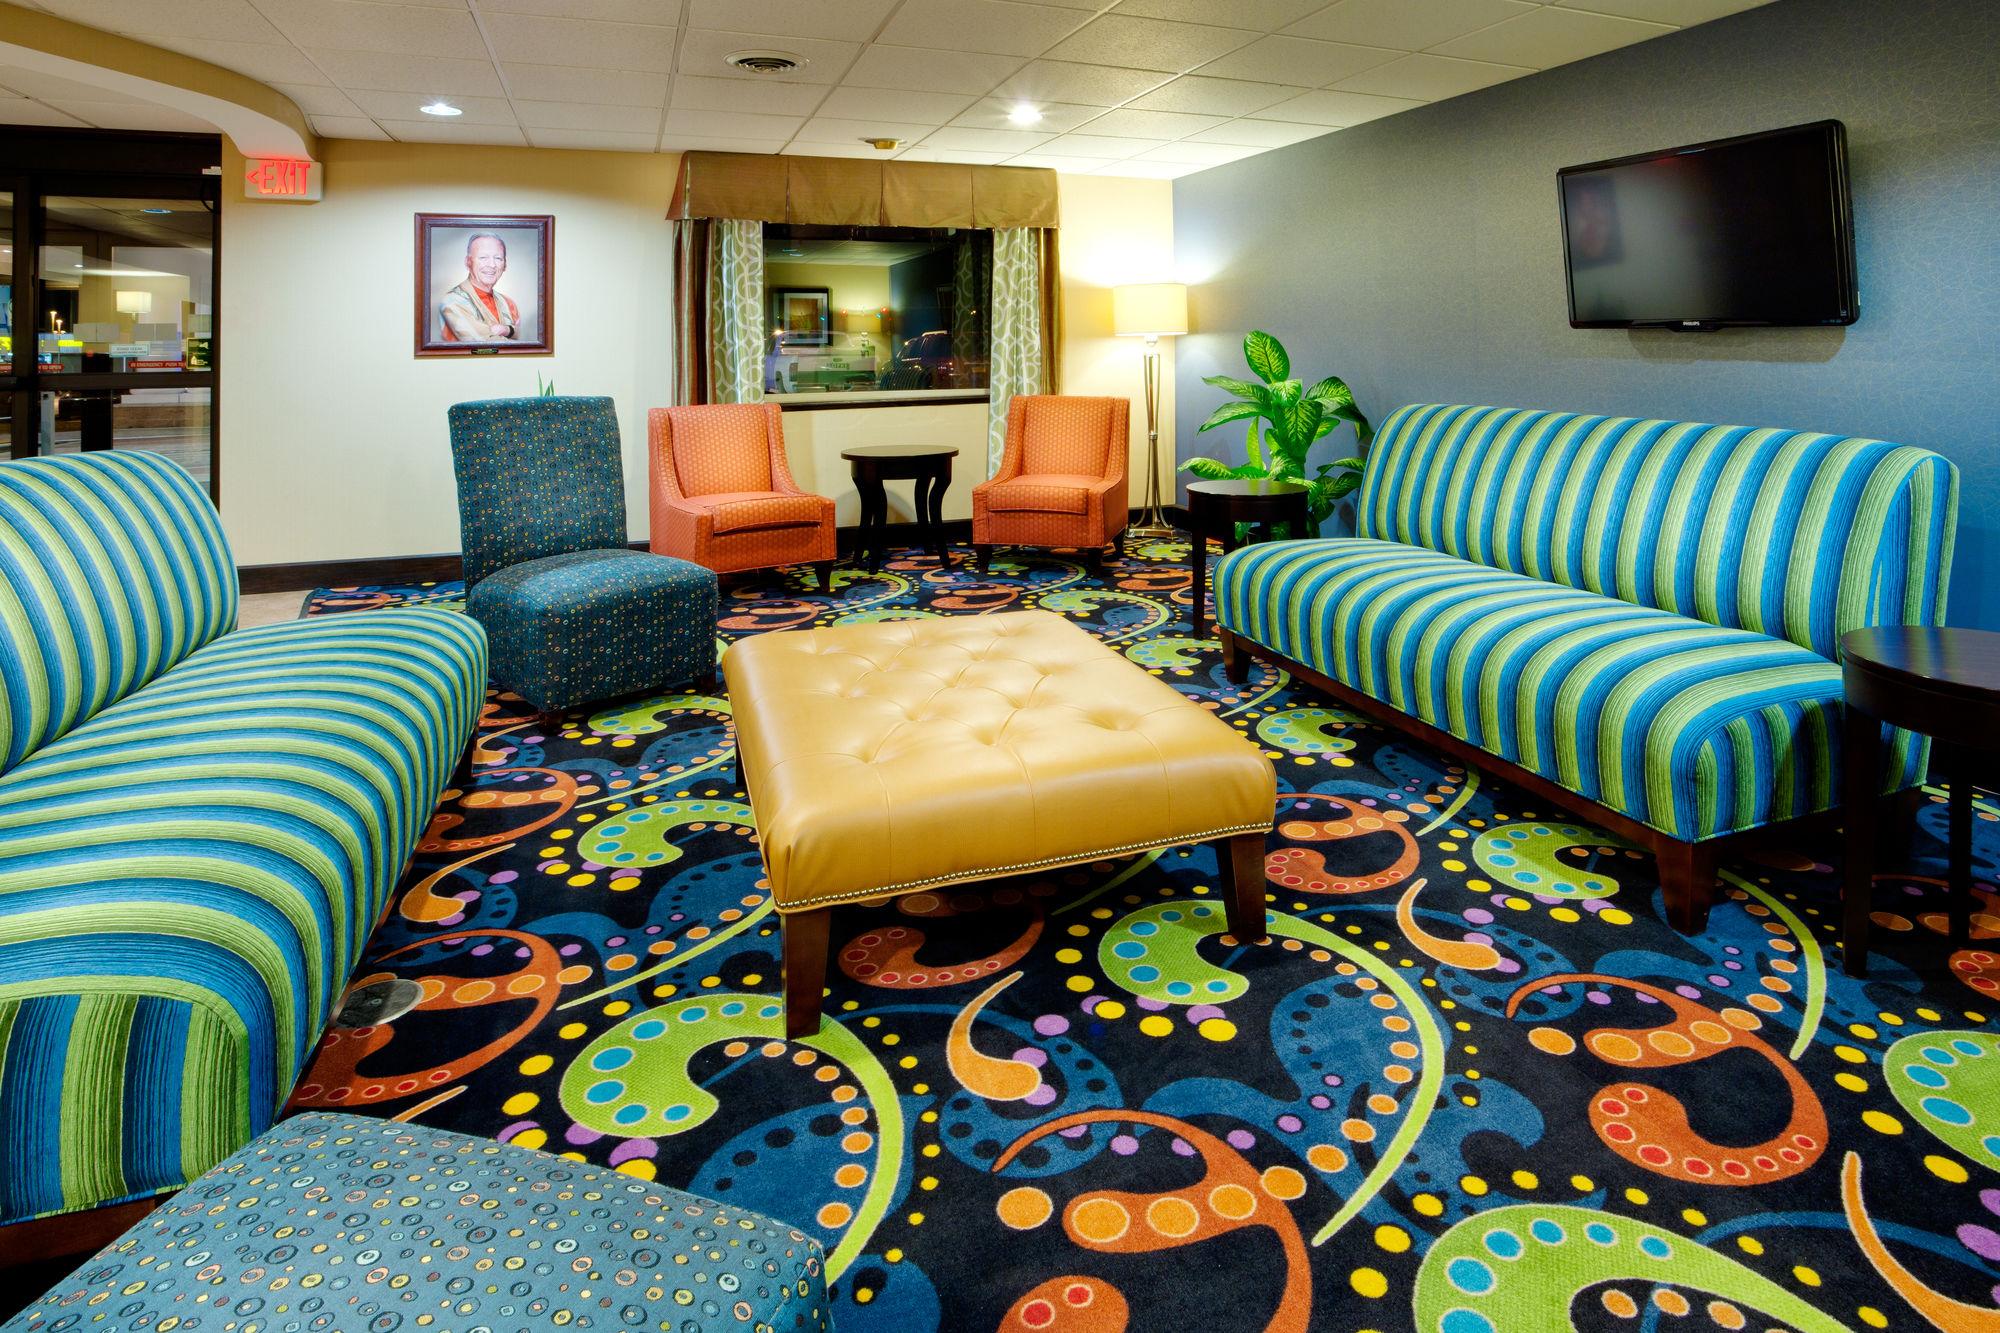 ... NY Holiday Inn Express Owego In Owego, NY